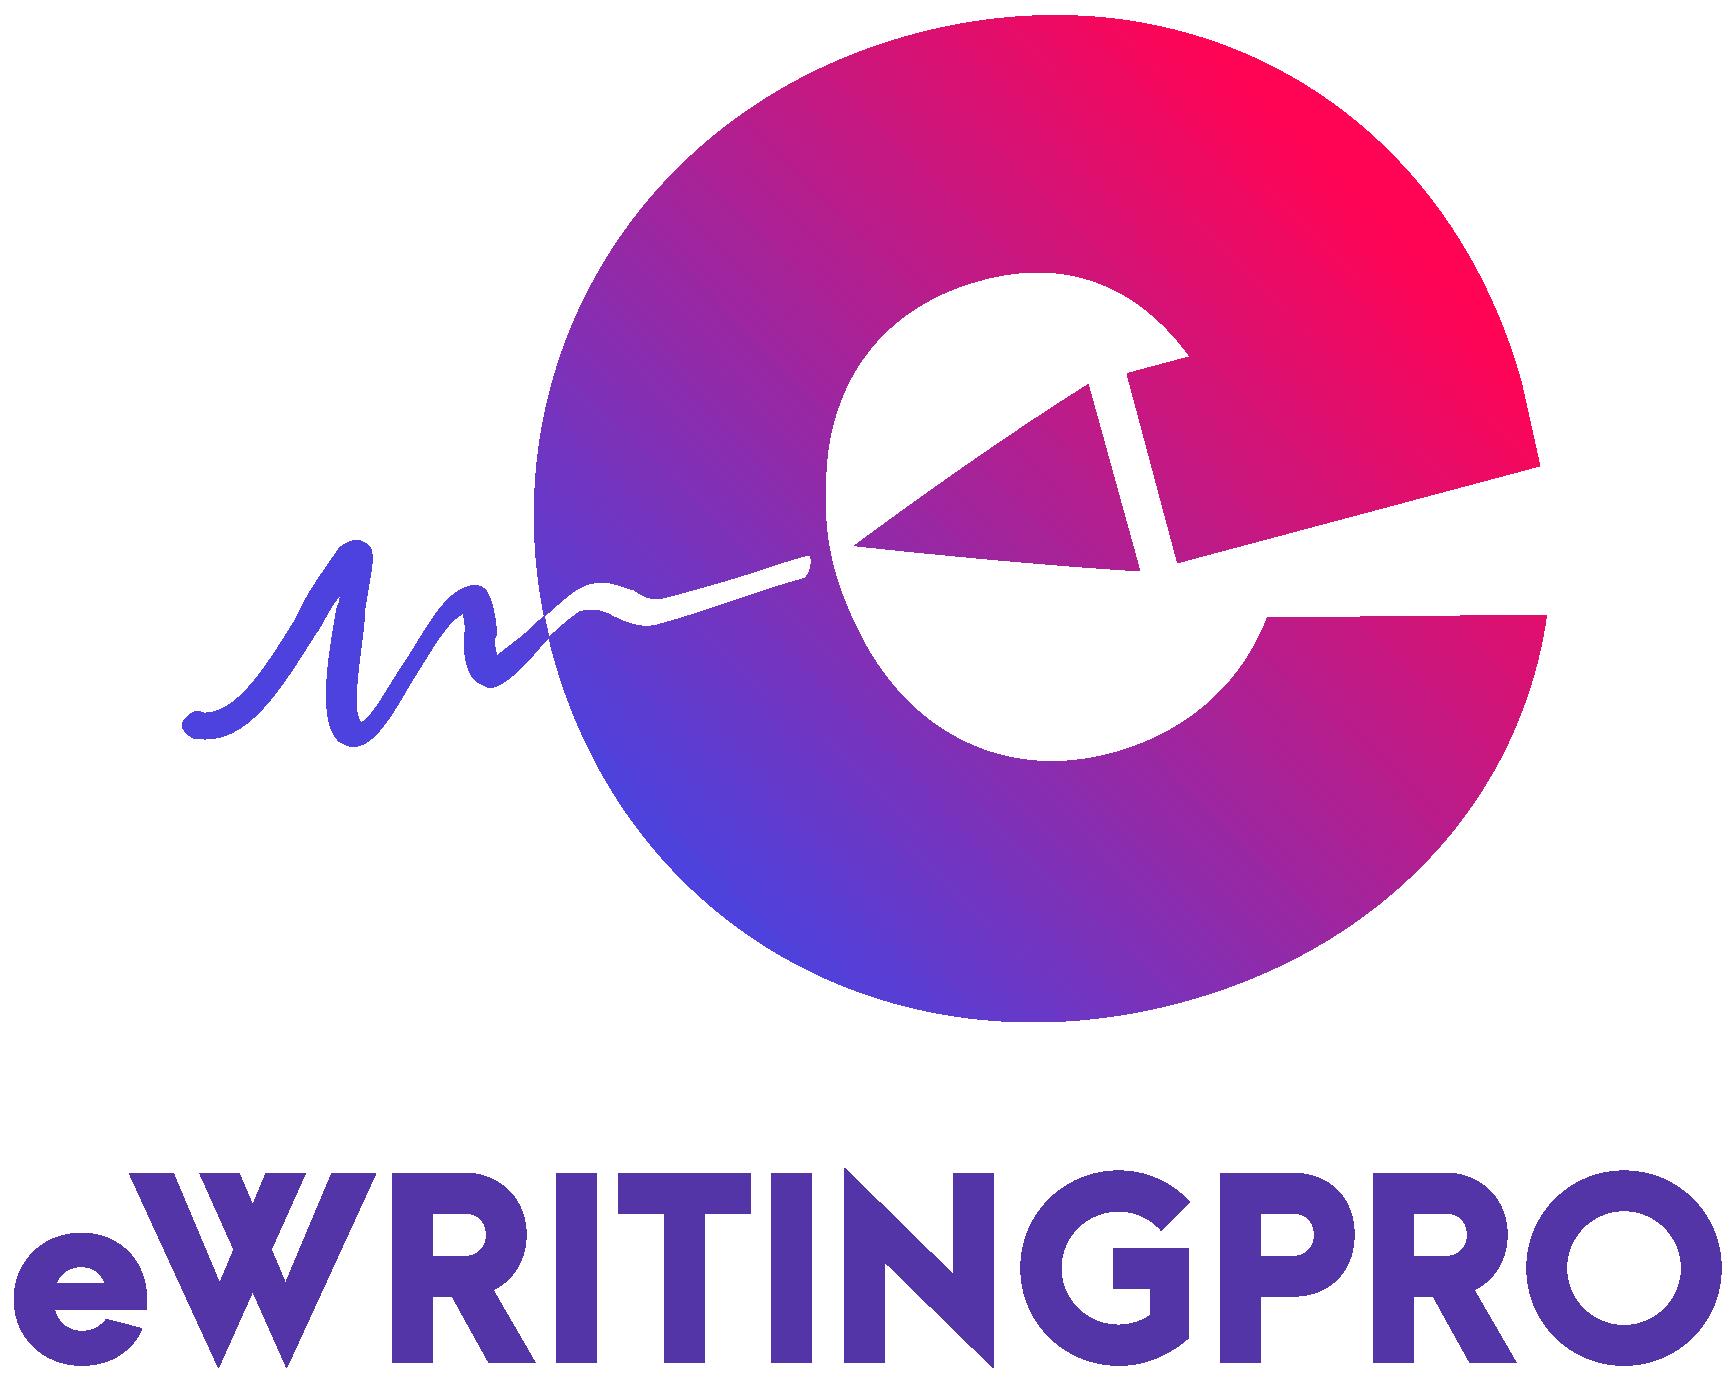 Ewriting Blog